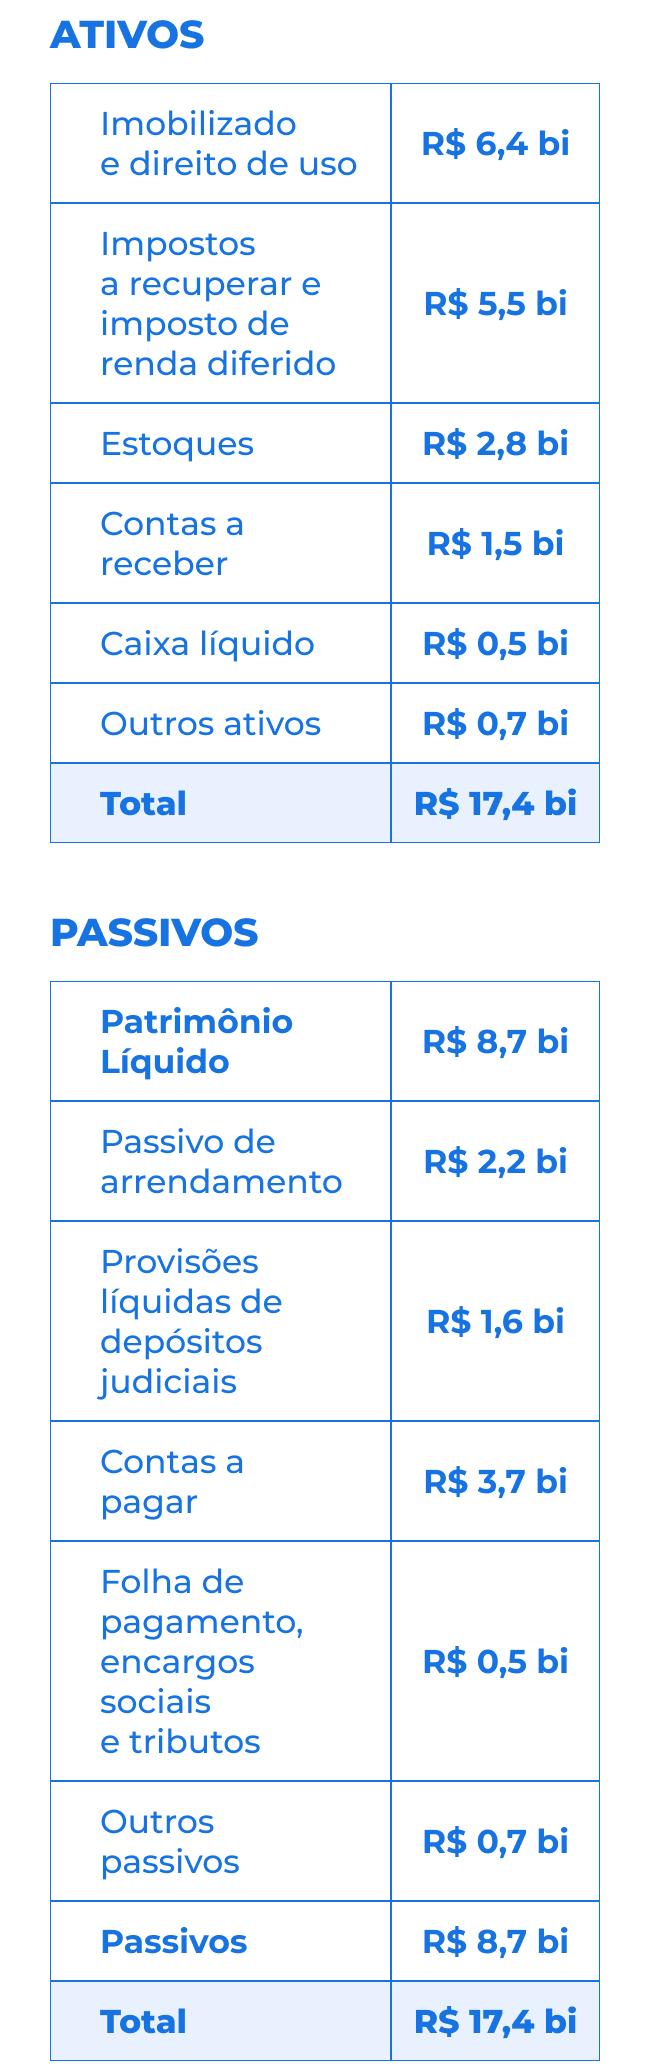 Balanço simplificado pro forma grupo big em 31/12/2020 (não auditado).